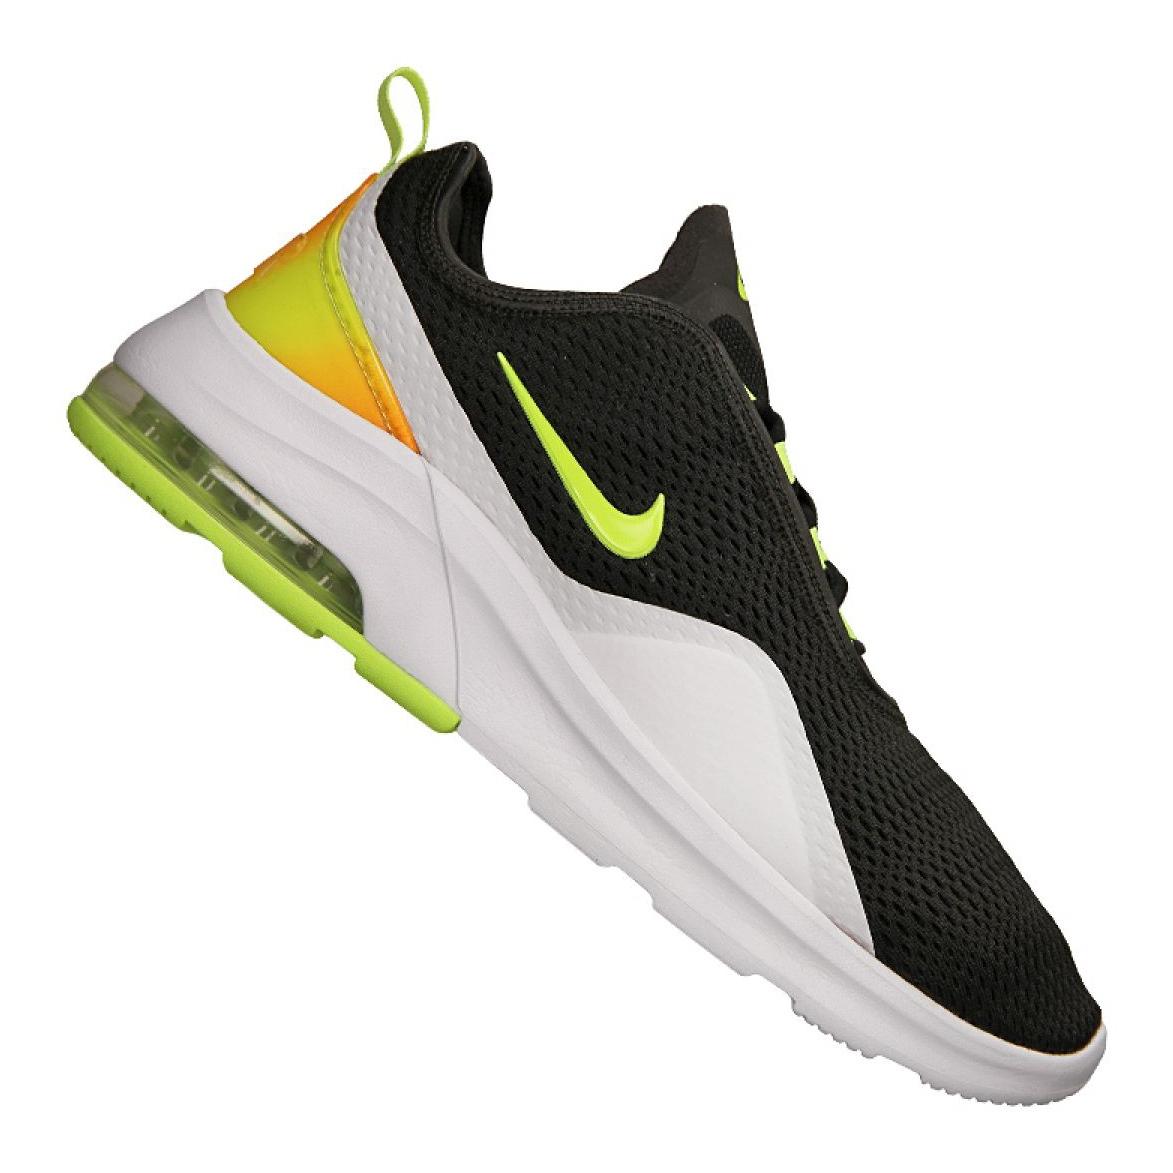 Nike Air Max Motion 2 M AO0266 007 cipő fekete